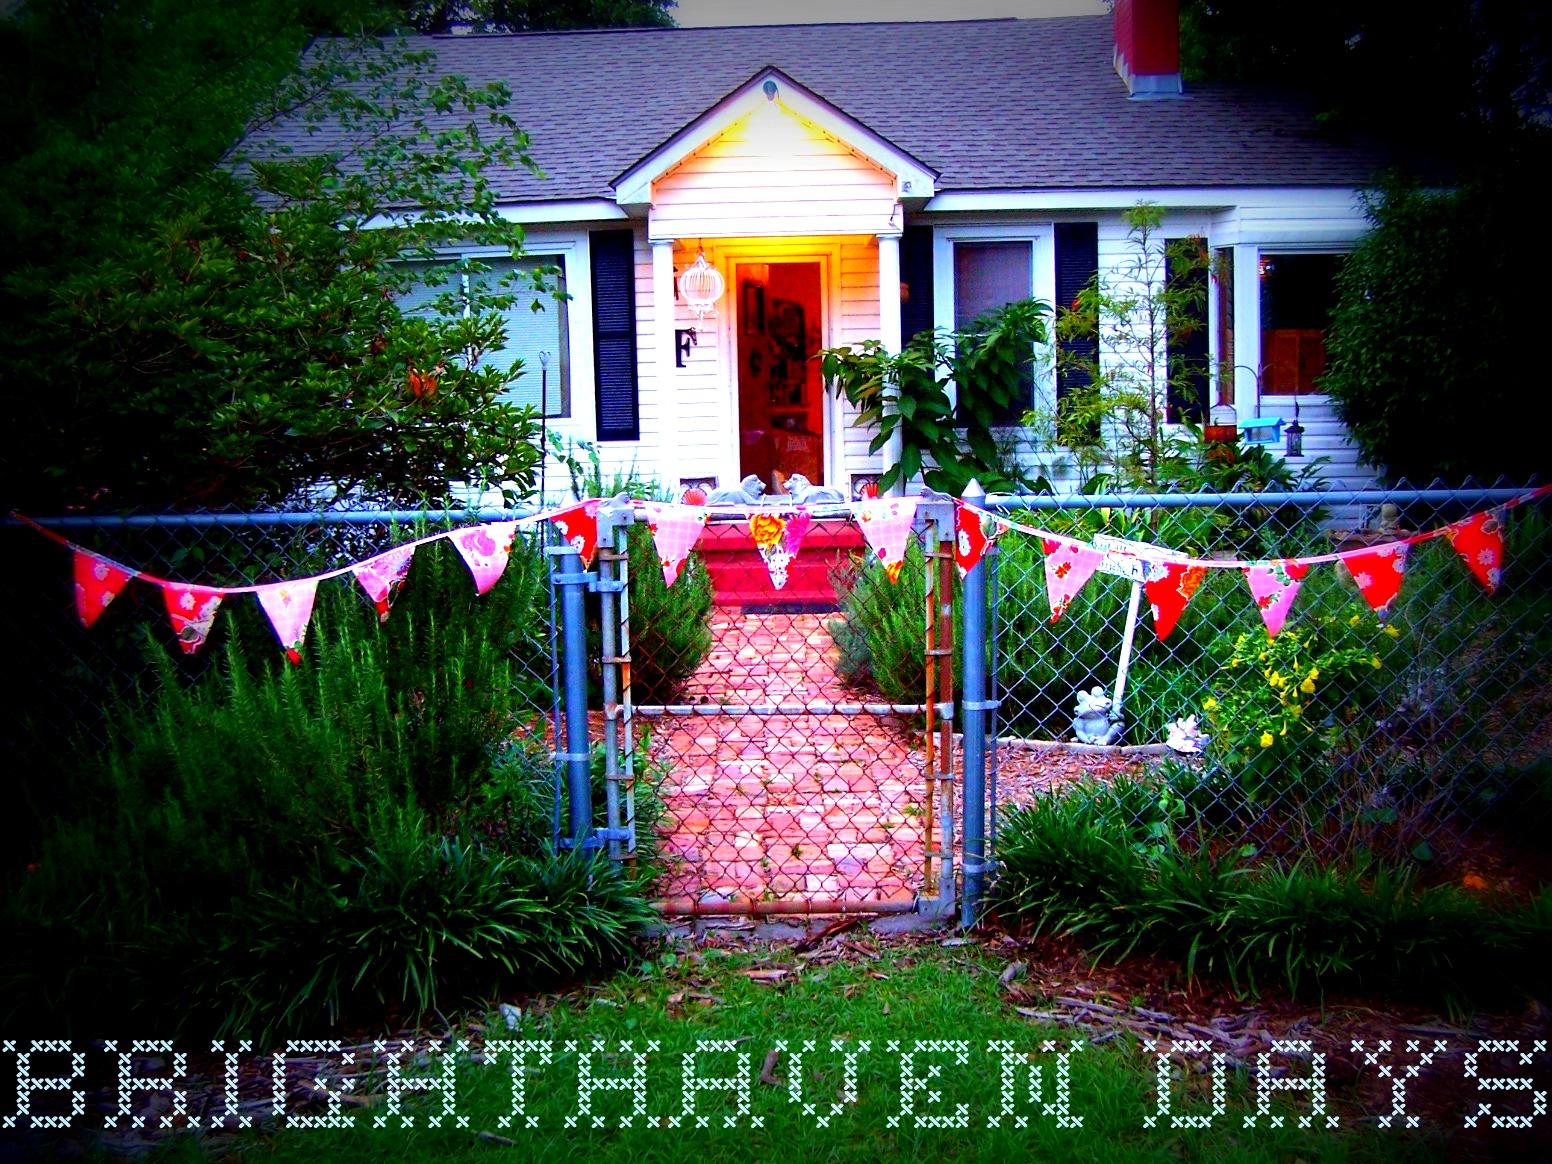 BrightHaven Days